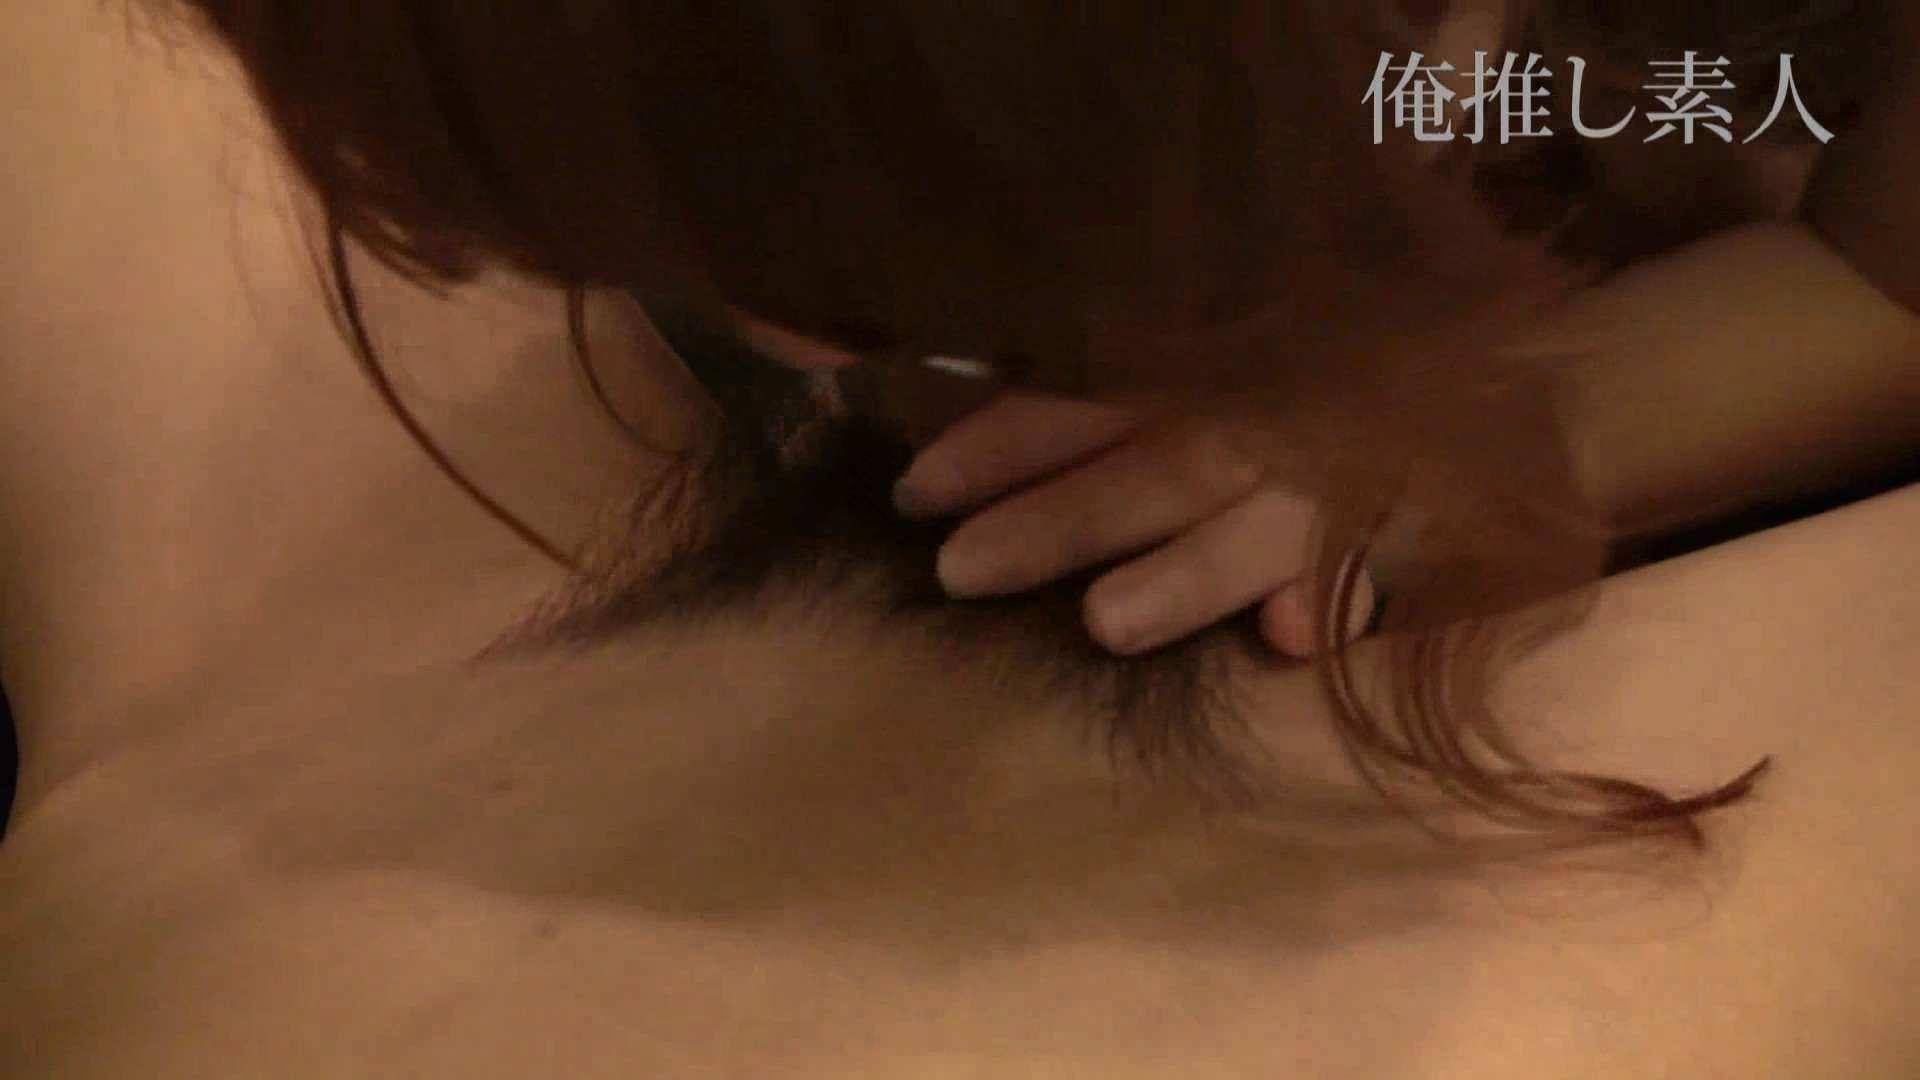 俺推し素人 キャバクラ嬢26歳久美vol4 一般投稿  93pic 63